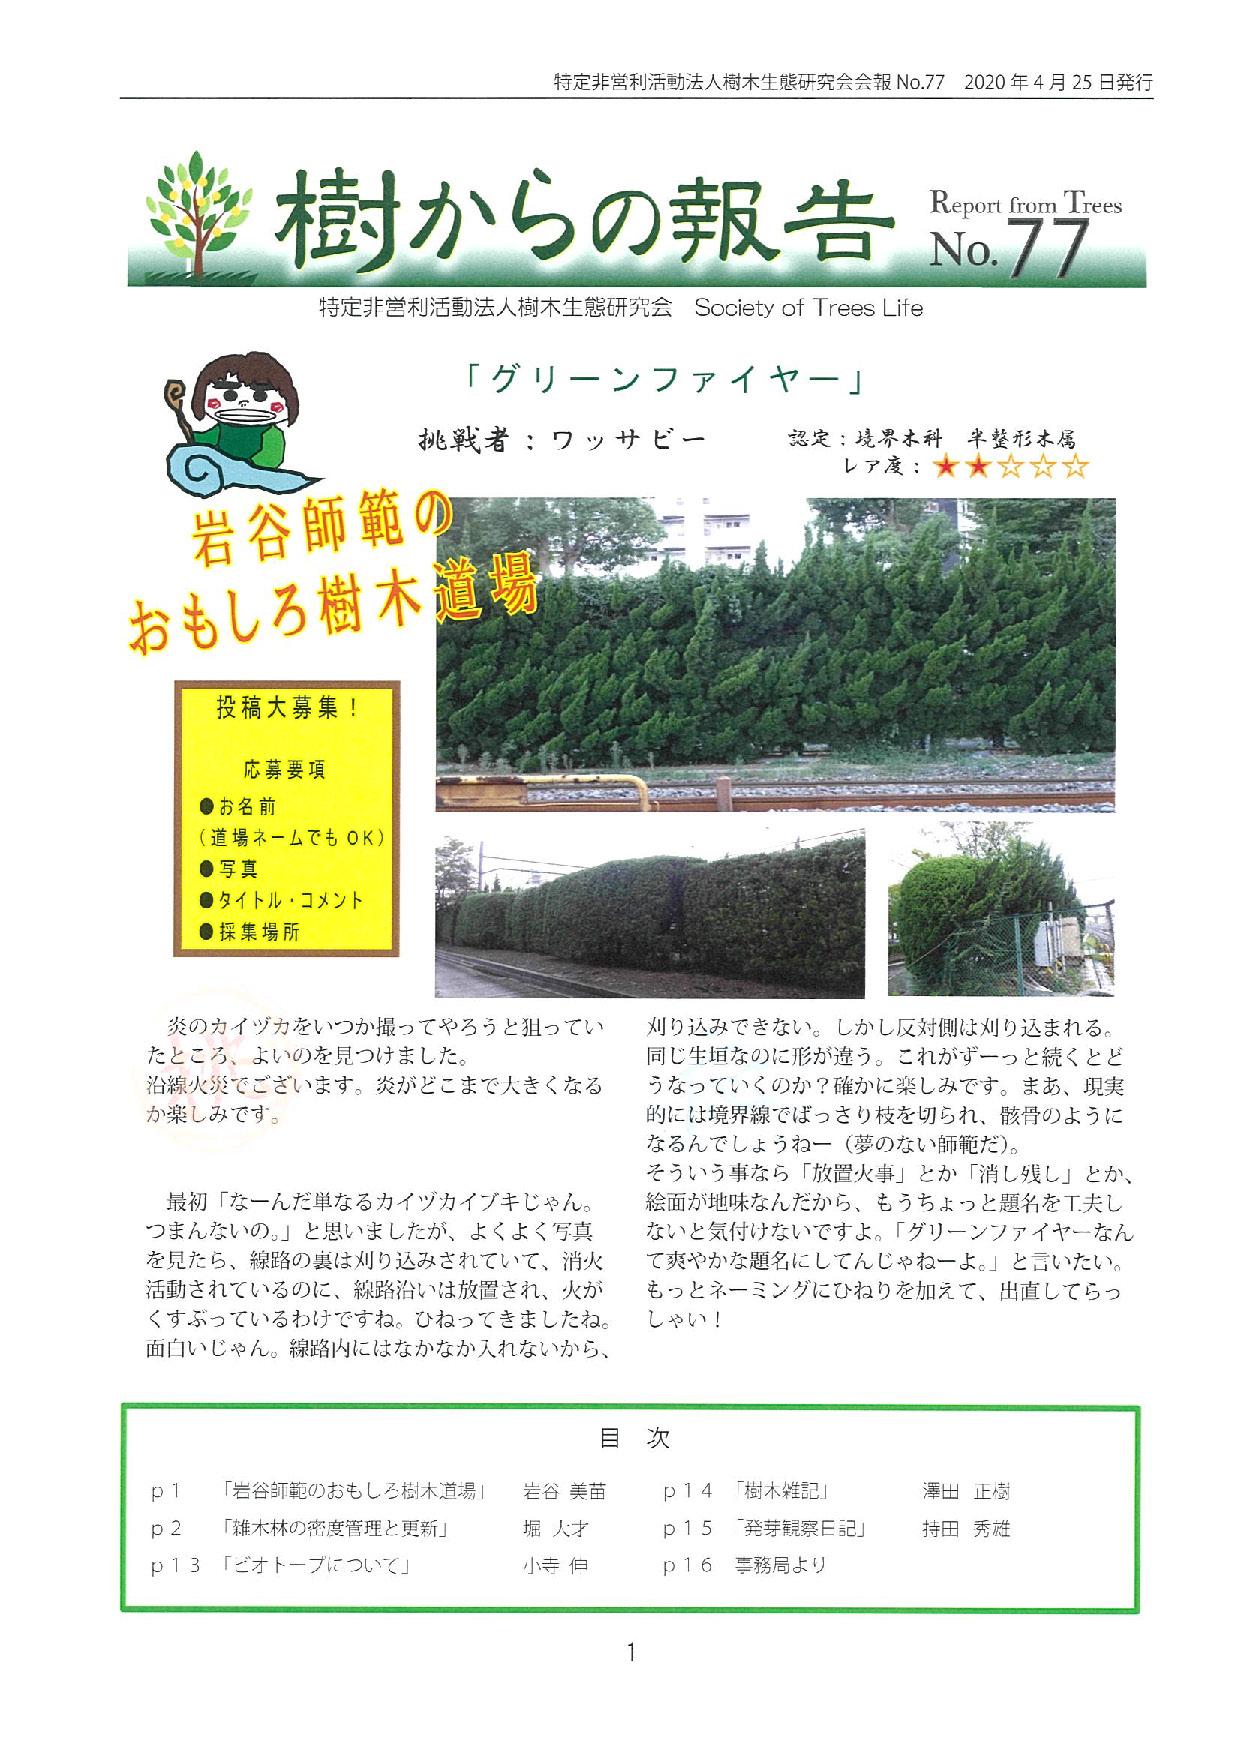 樹からの報告 会報77号